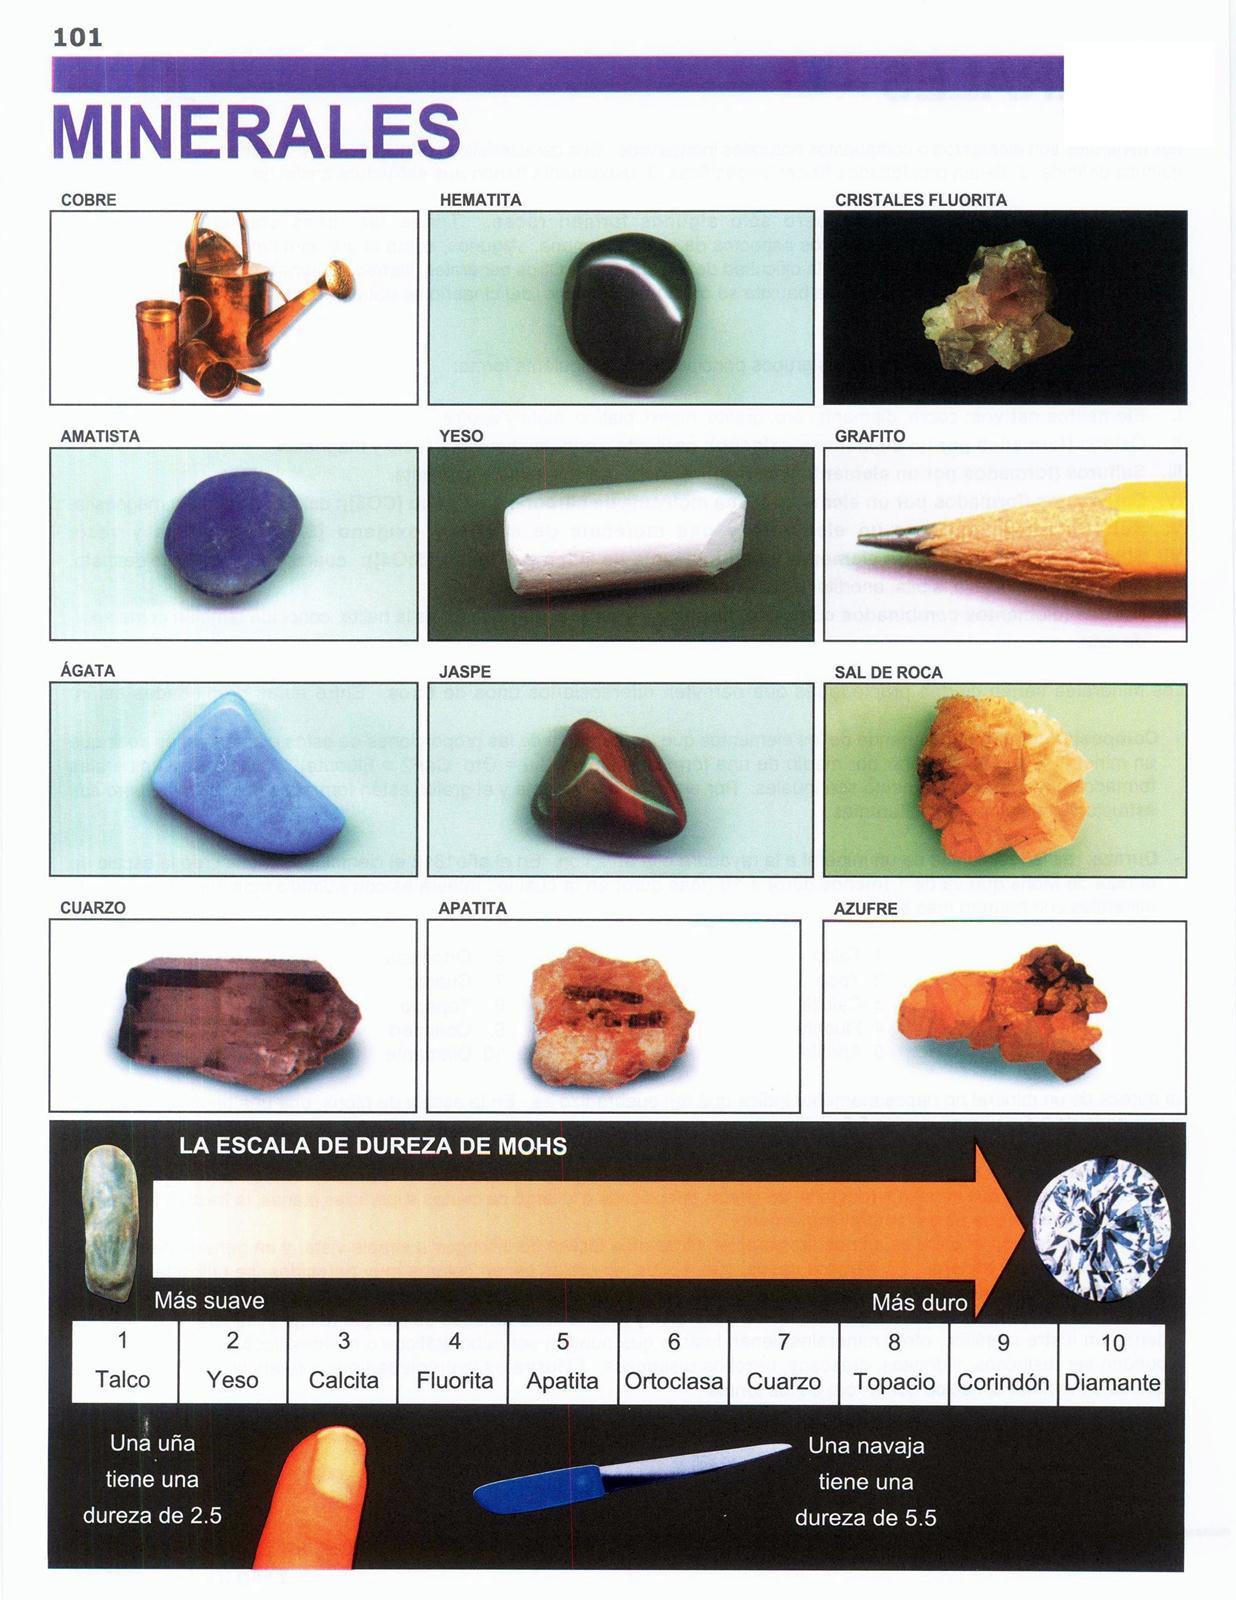 lamina minerales escala dureza mohs